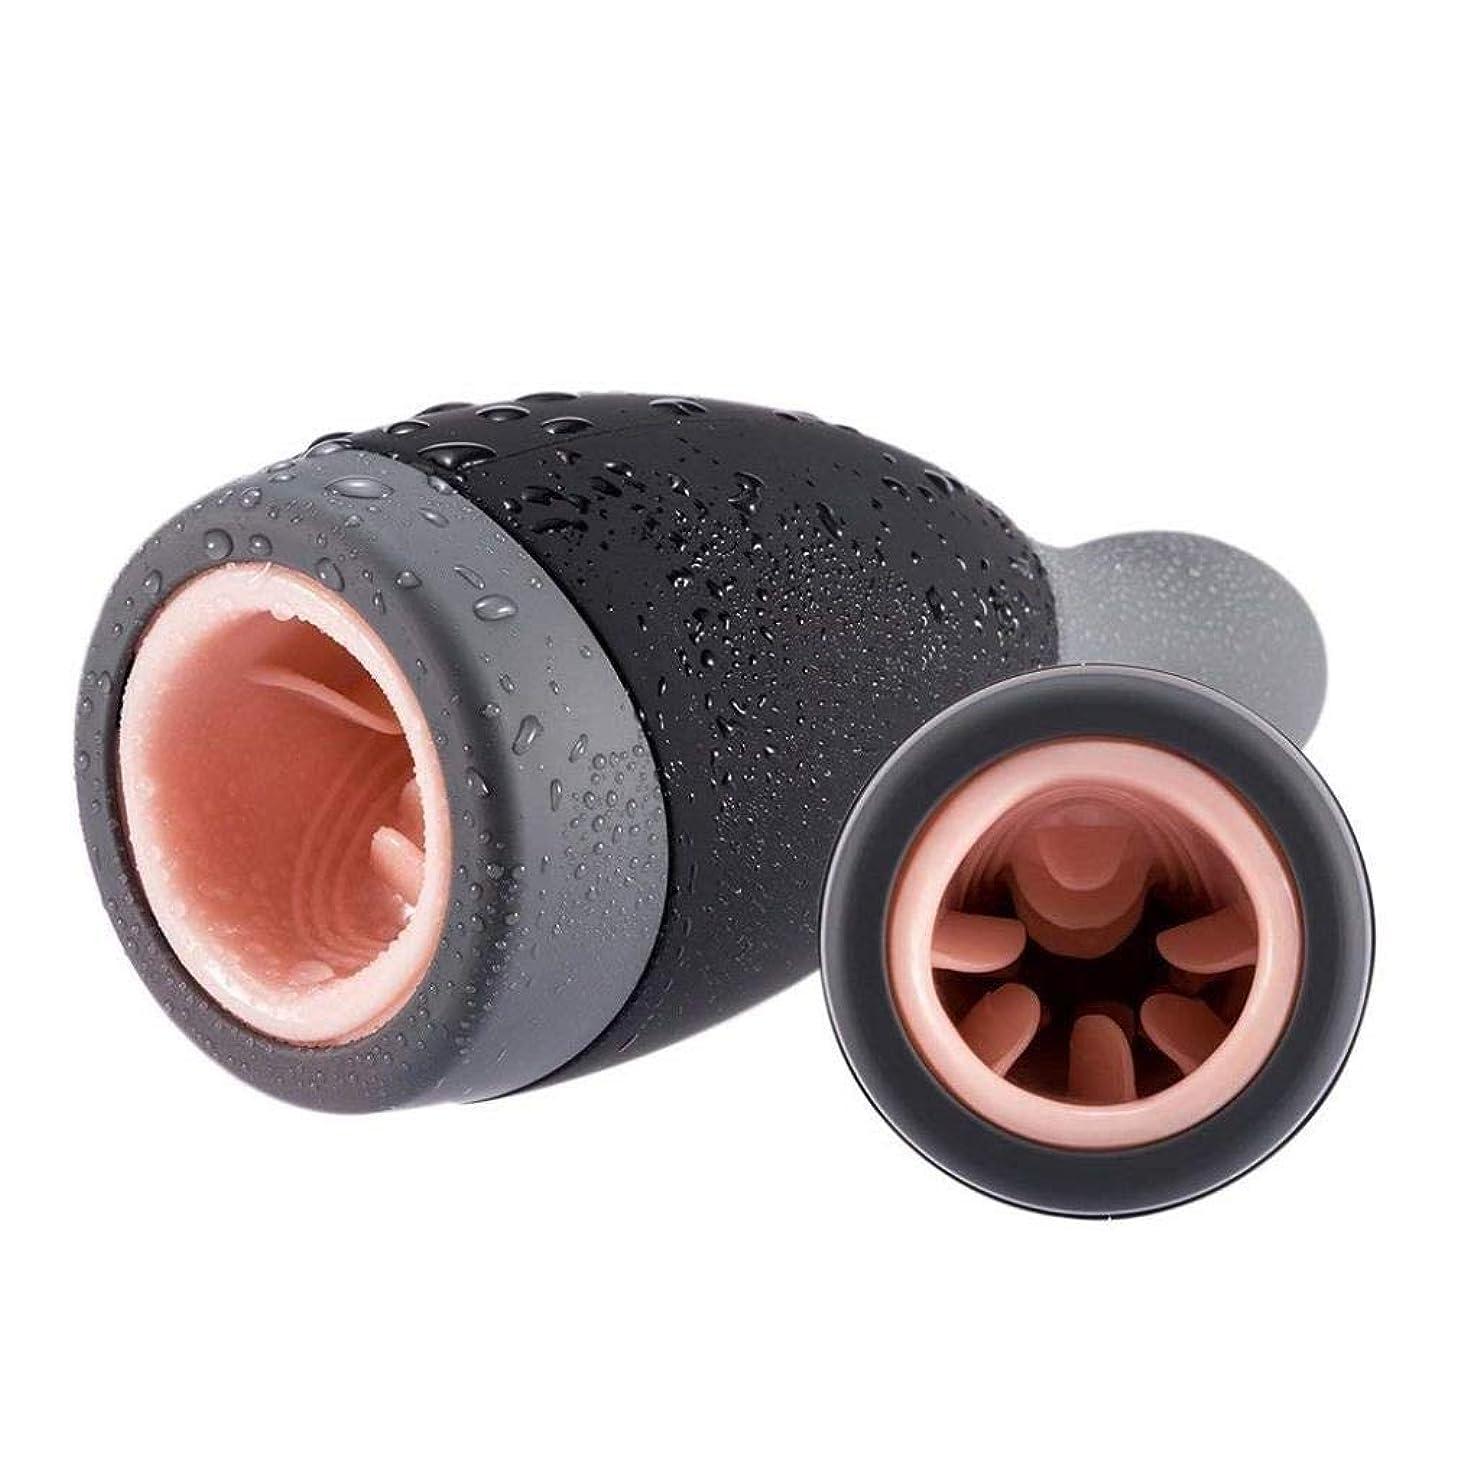 モナリザ赤道悲しむ手コキ 12の強力な振動の吸引モードの電気等級および再充電可能な袖の空気圧の設計の医学等級の振動ポケットBl?wJ?bのコップ装置 自分を助ける